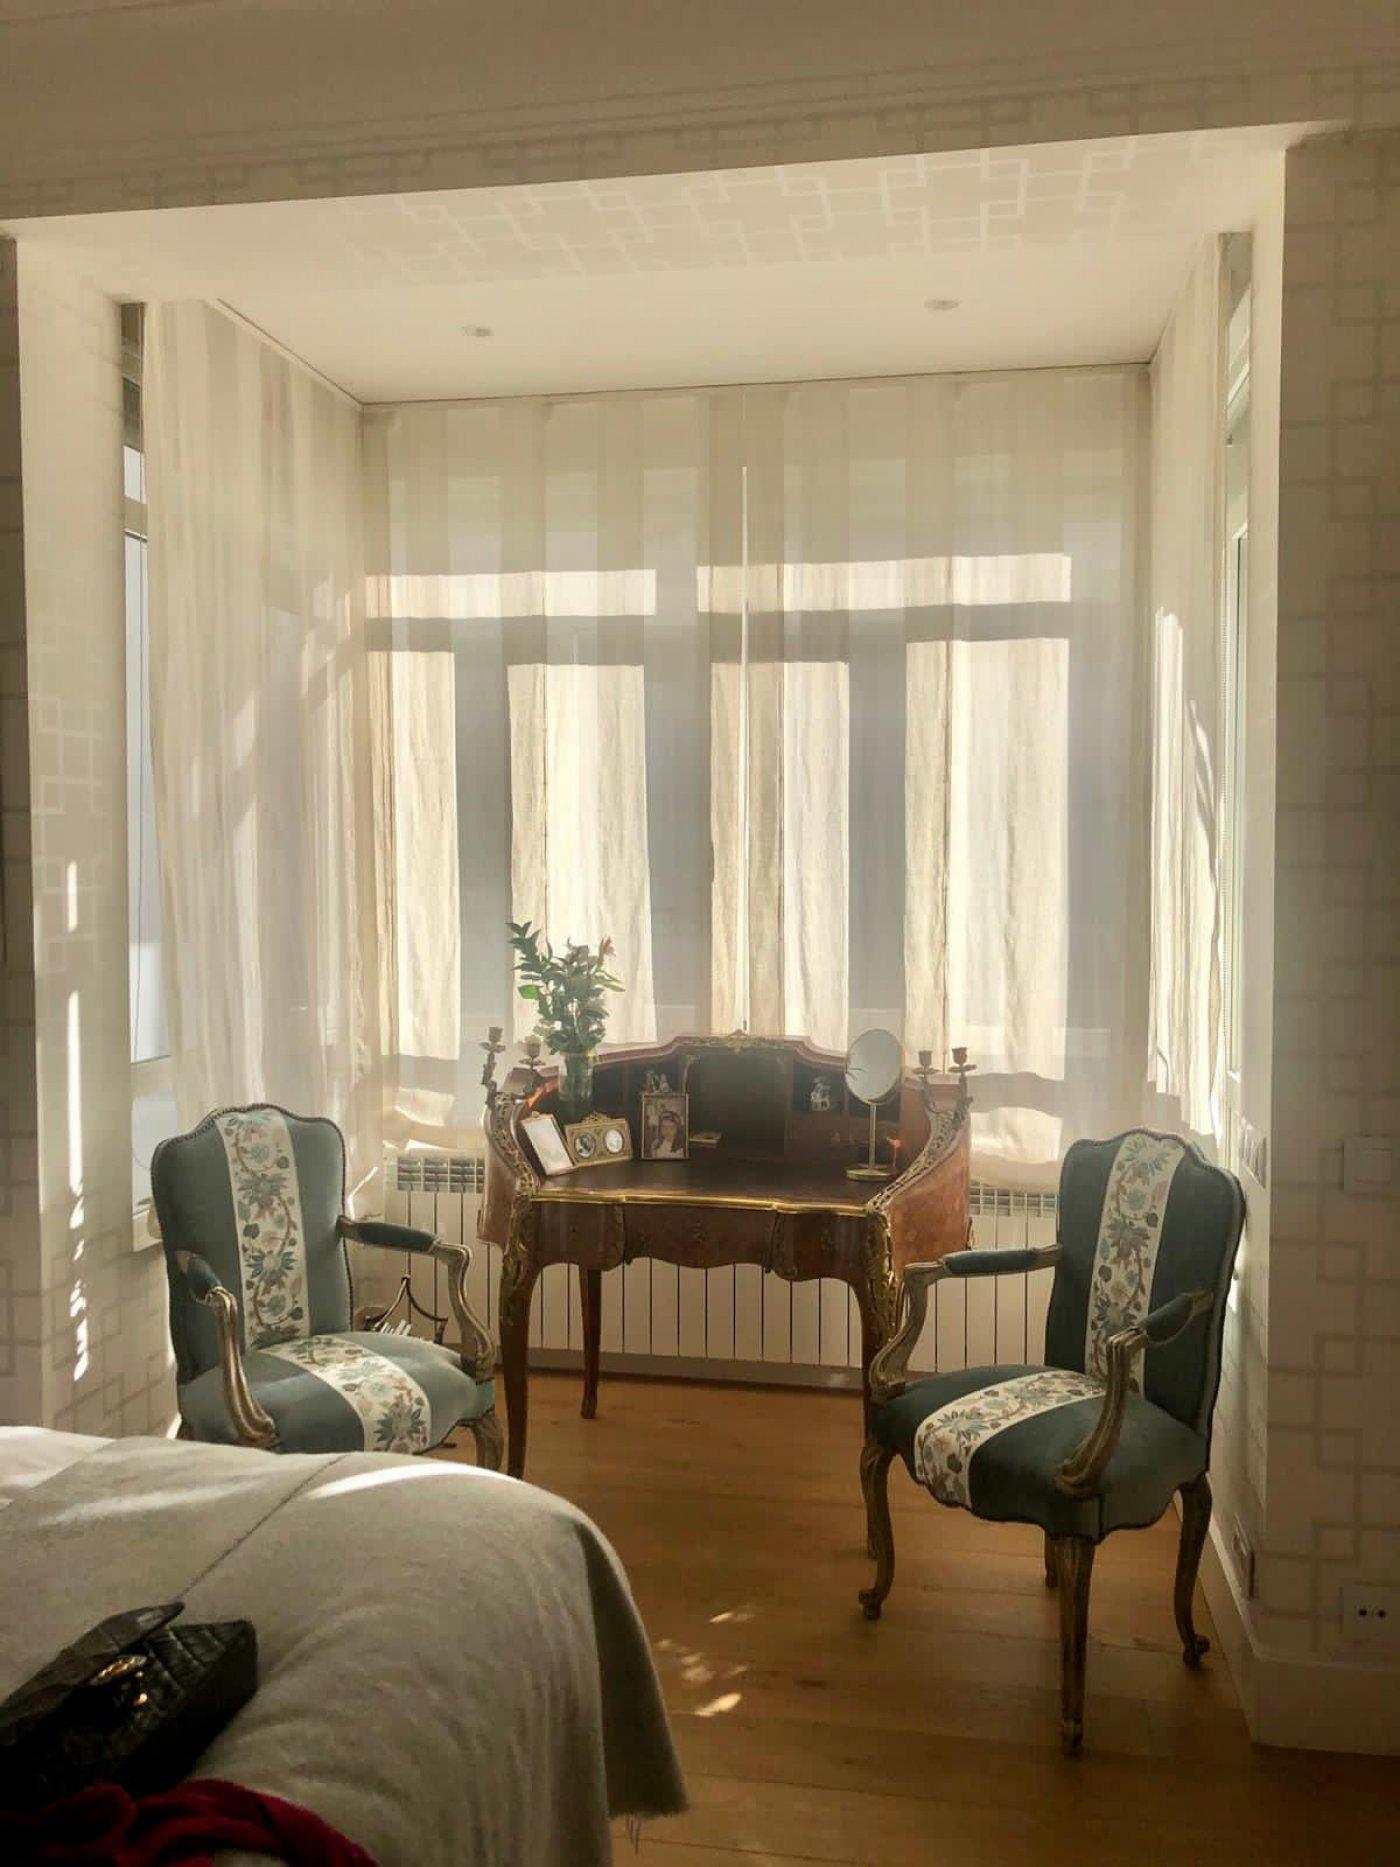 Venta de piso en madrid - imagenInmueble20